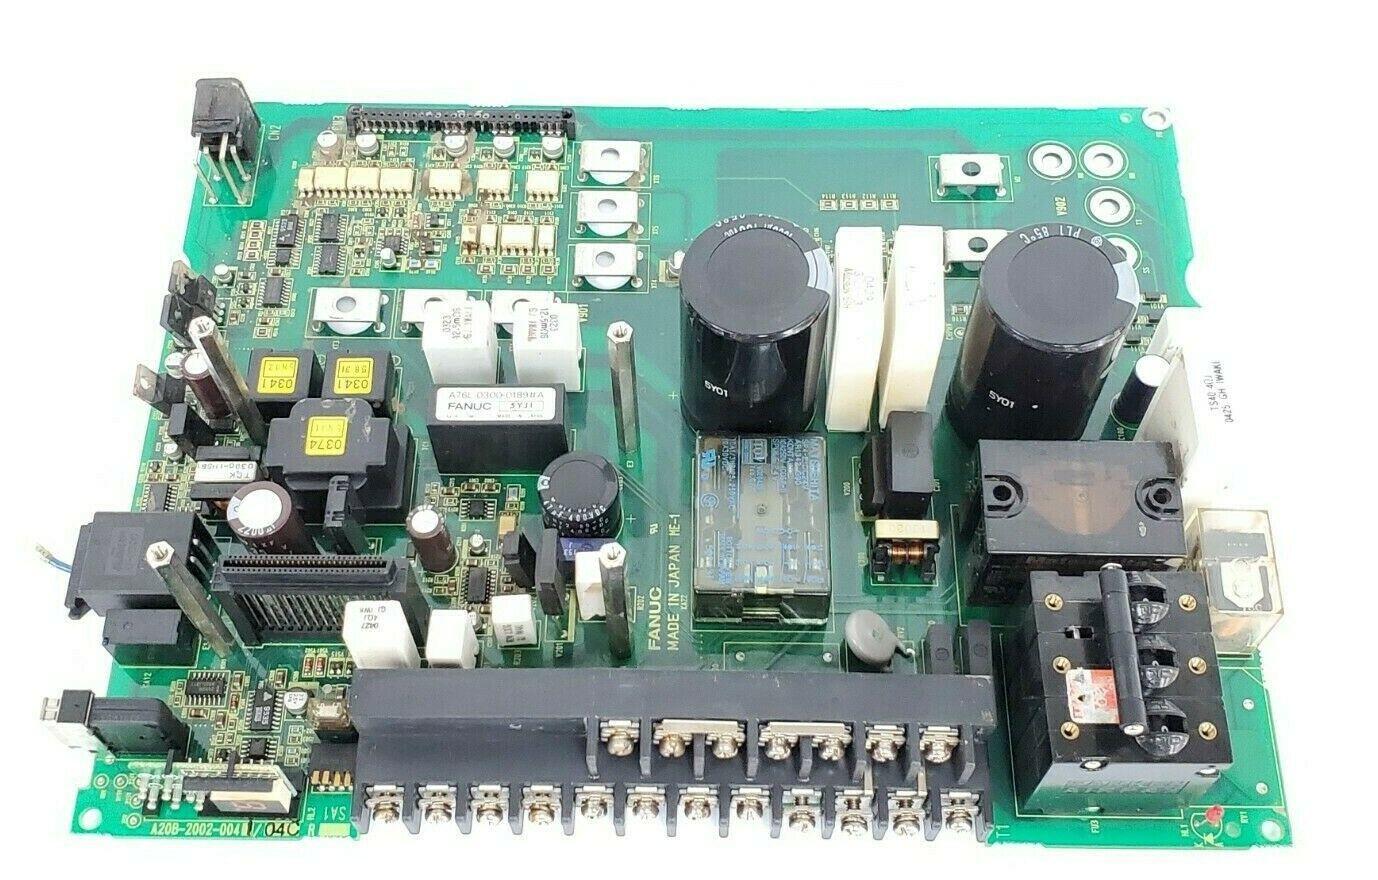 FANUC A20B-2002-0041-04C PC BOARD POWER CIRCUIT A20B-2002-0041